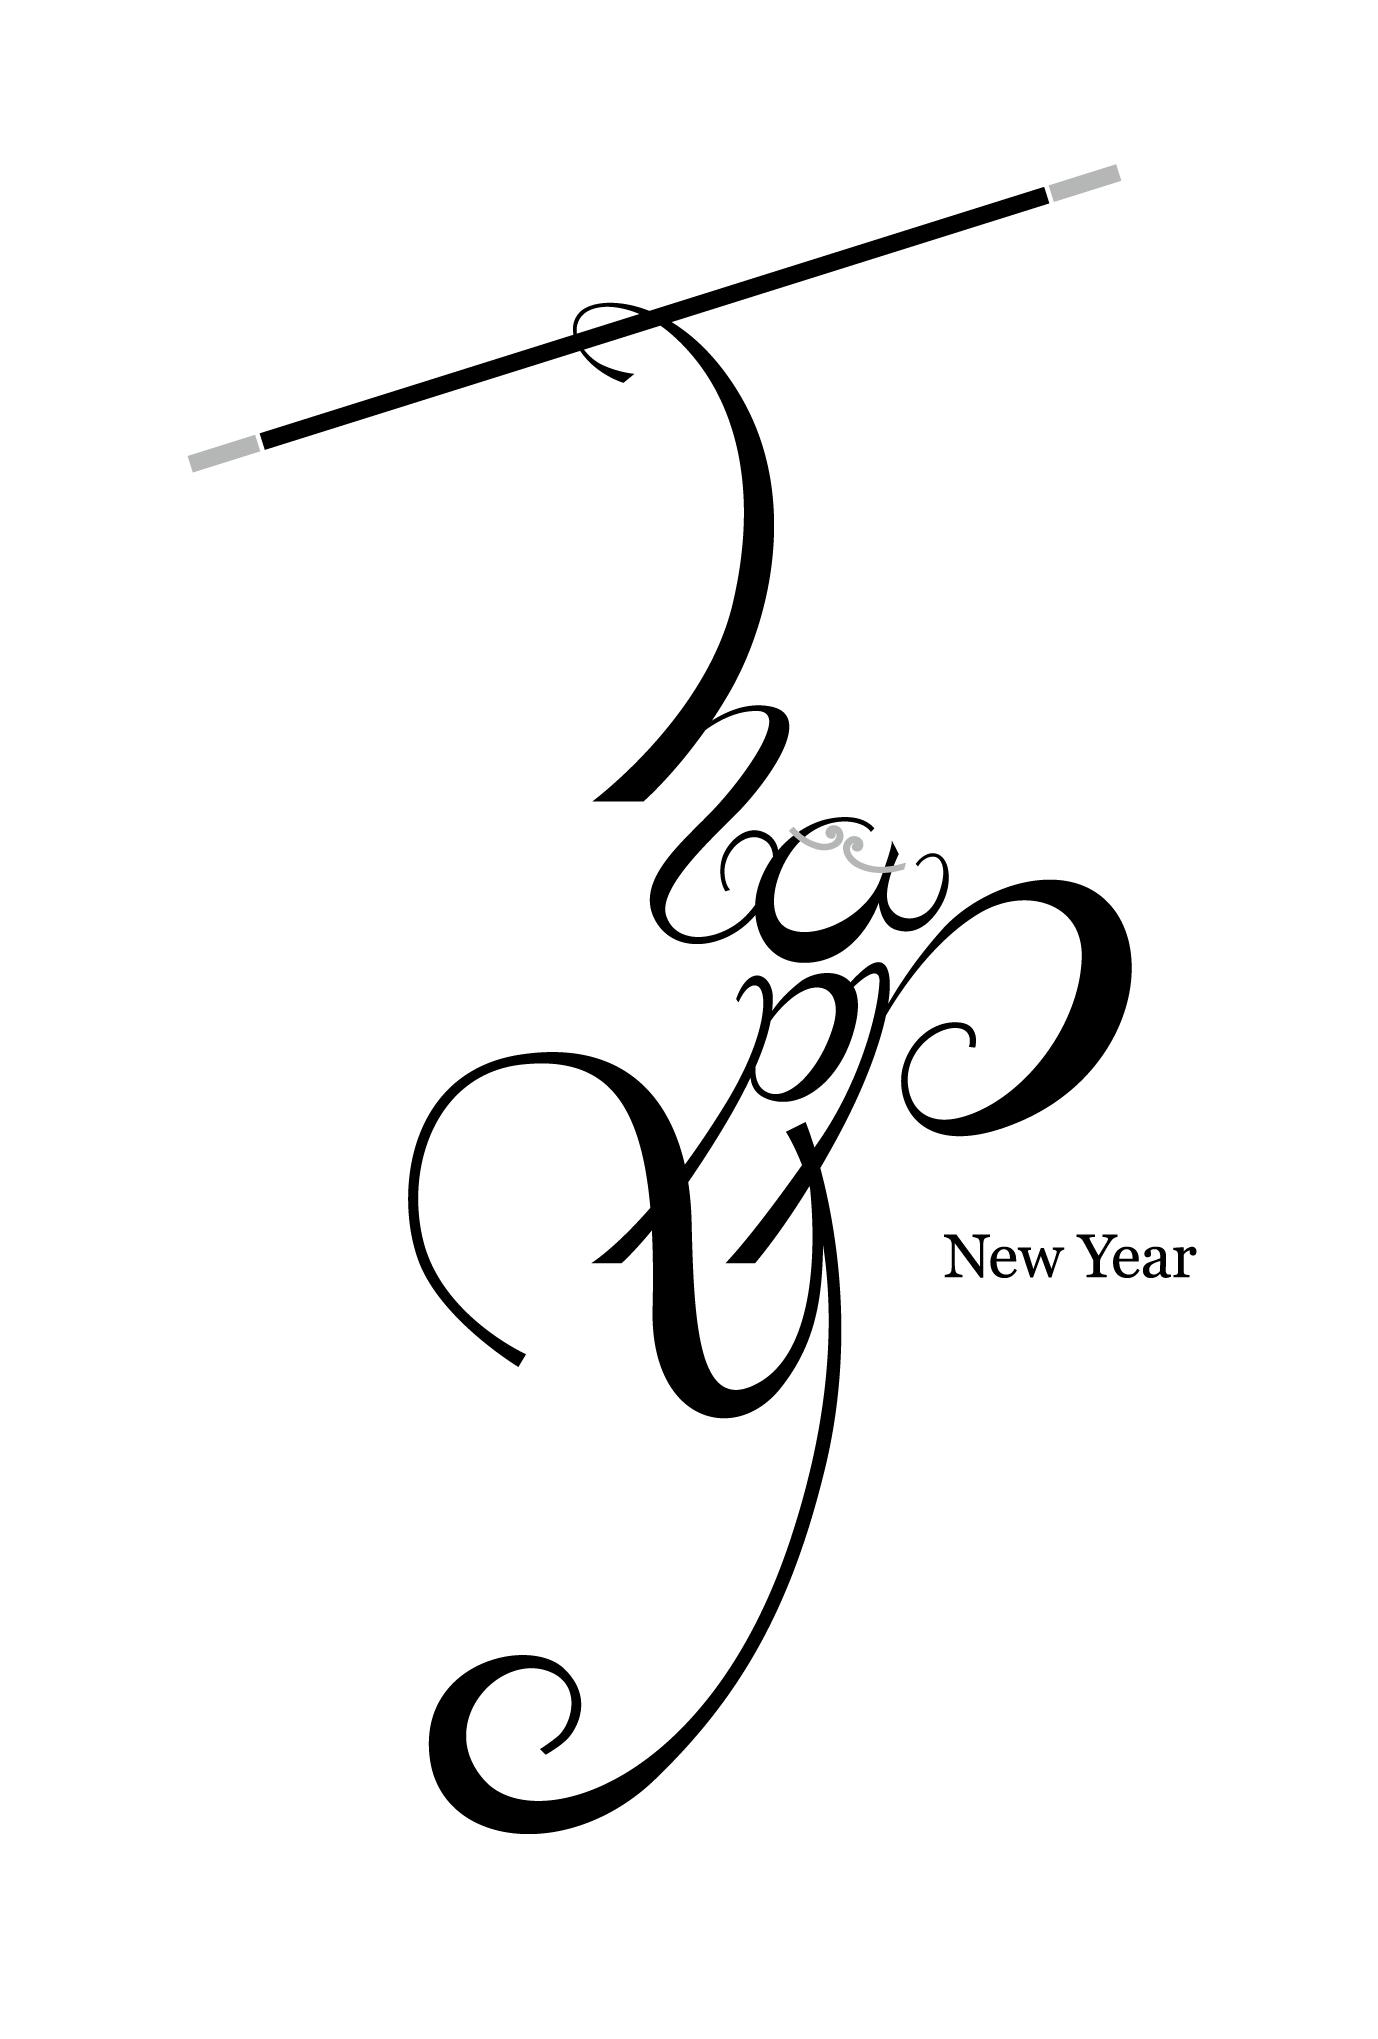 2016年賀状25-2:Happy monkey king / blackのダウンロード画像